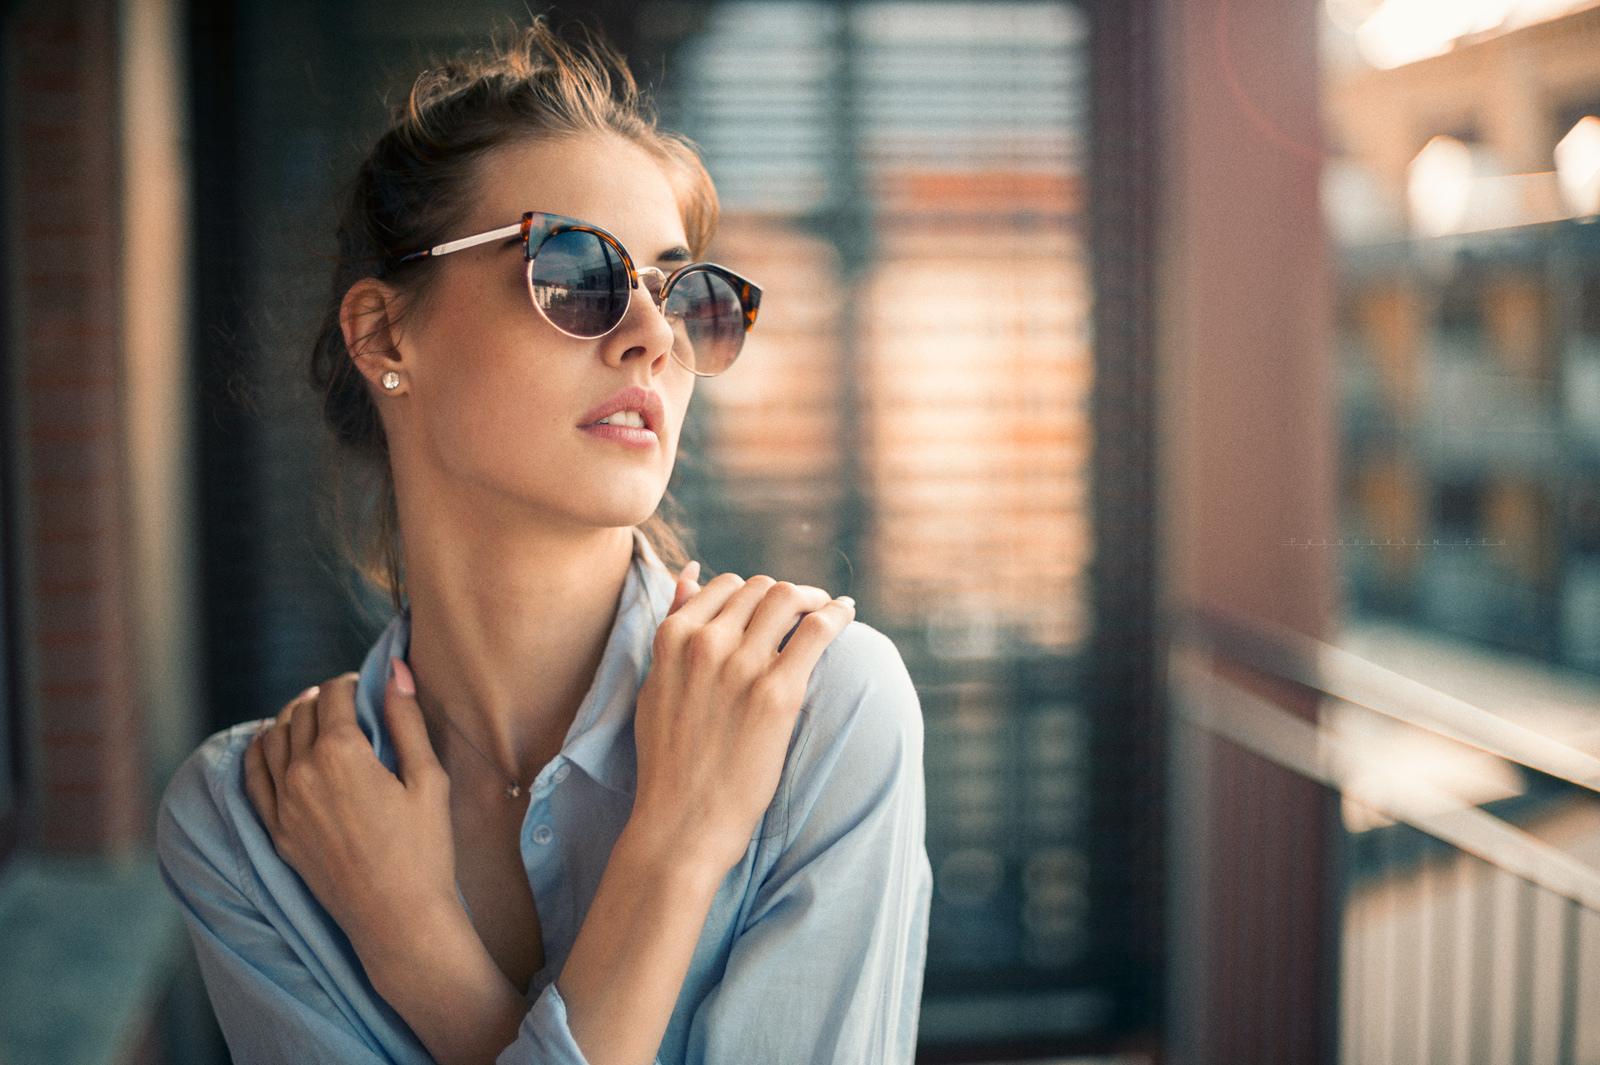 Modelo de lentes fashion - 1600x1065